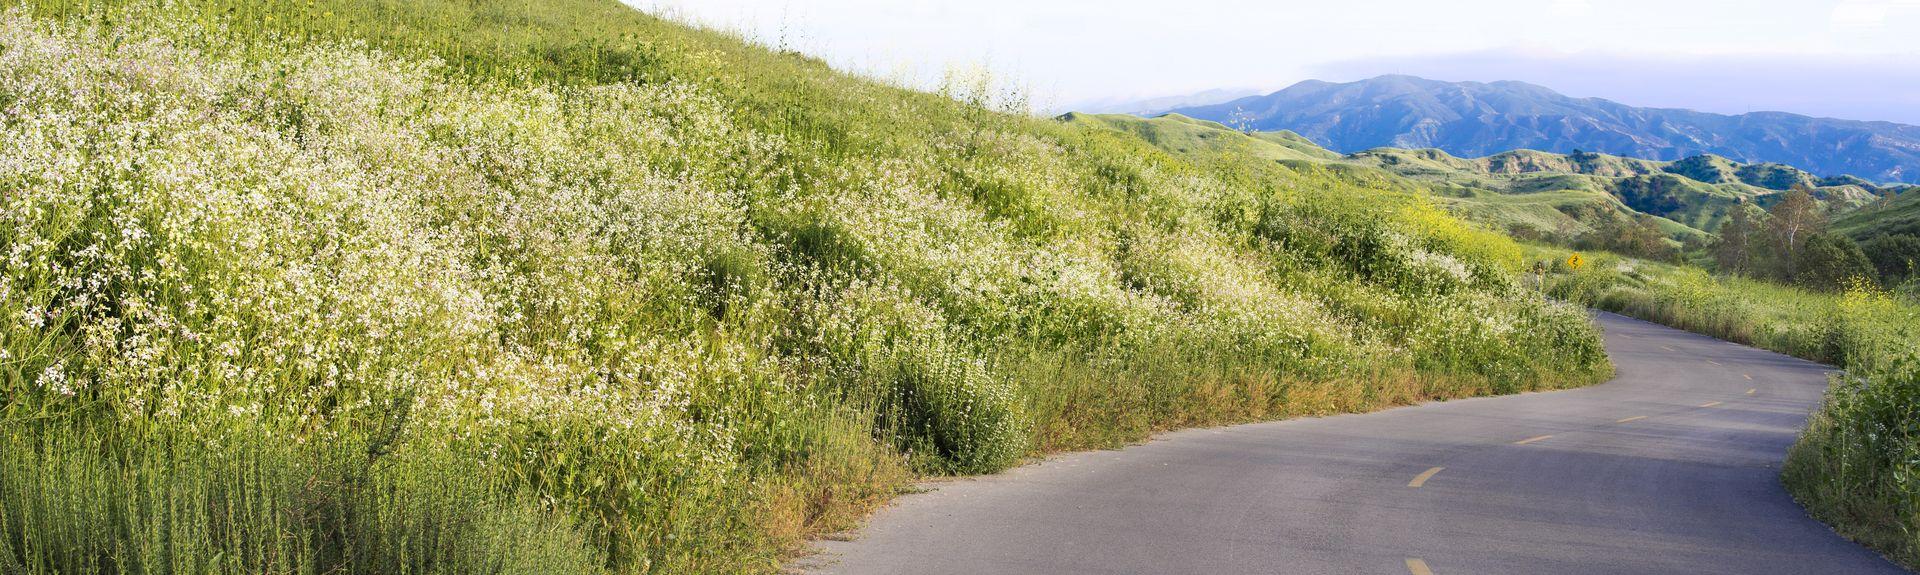 Chino Hills, CA, USA